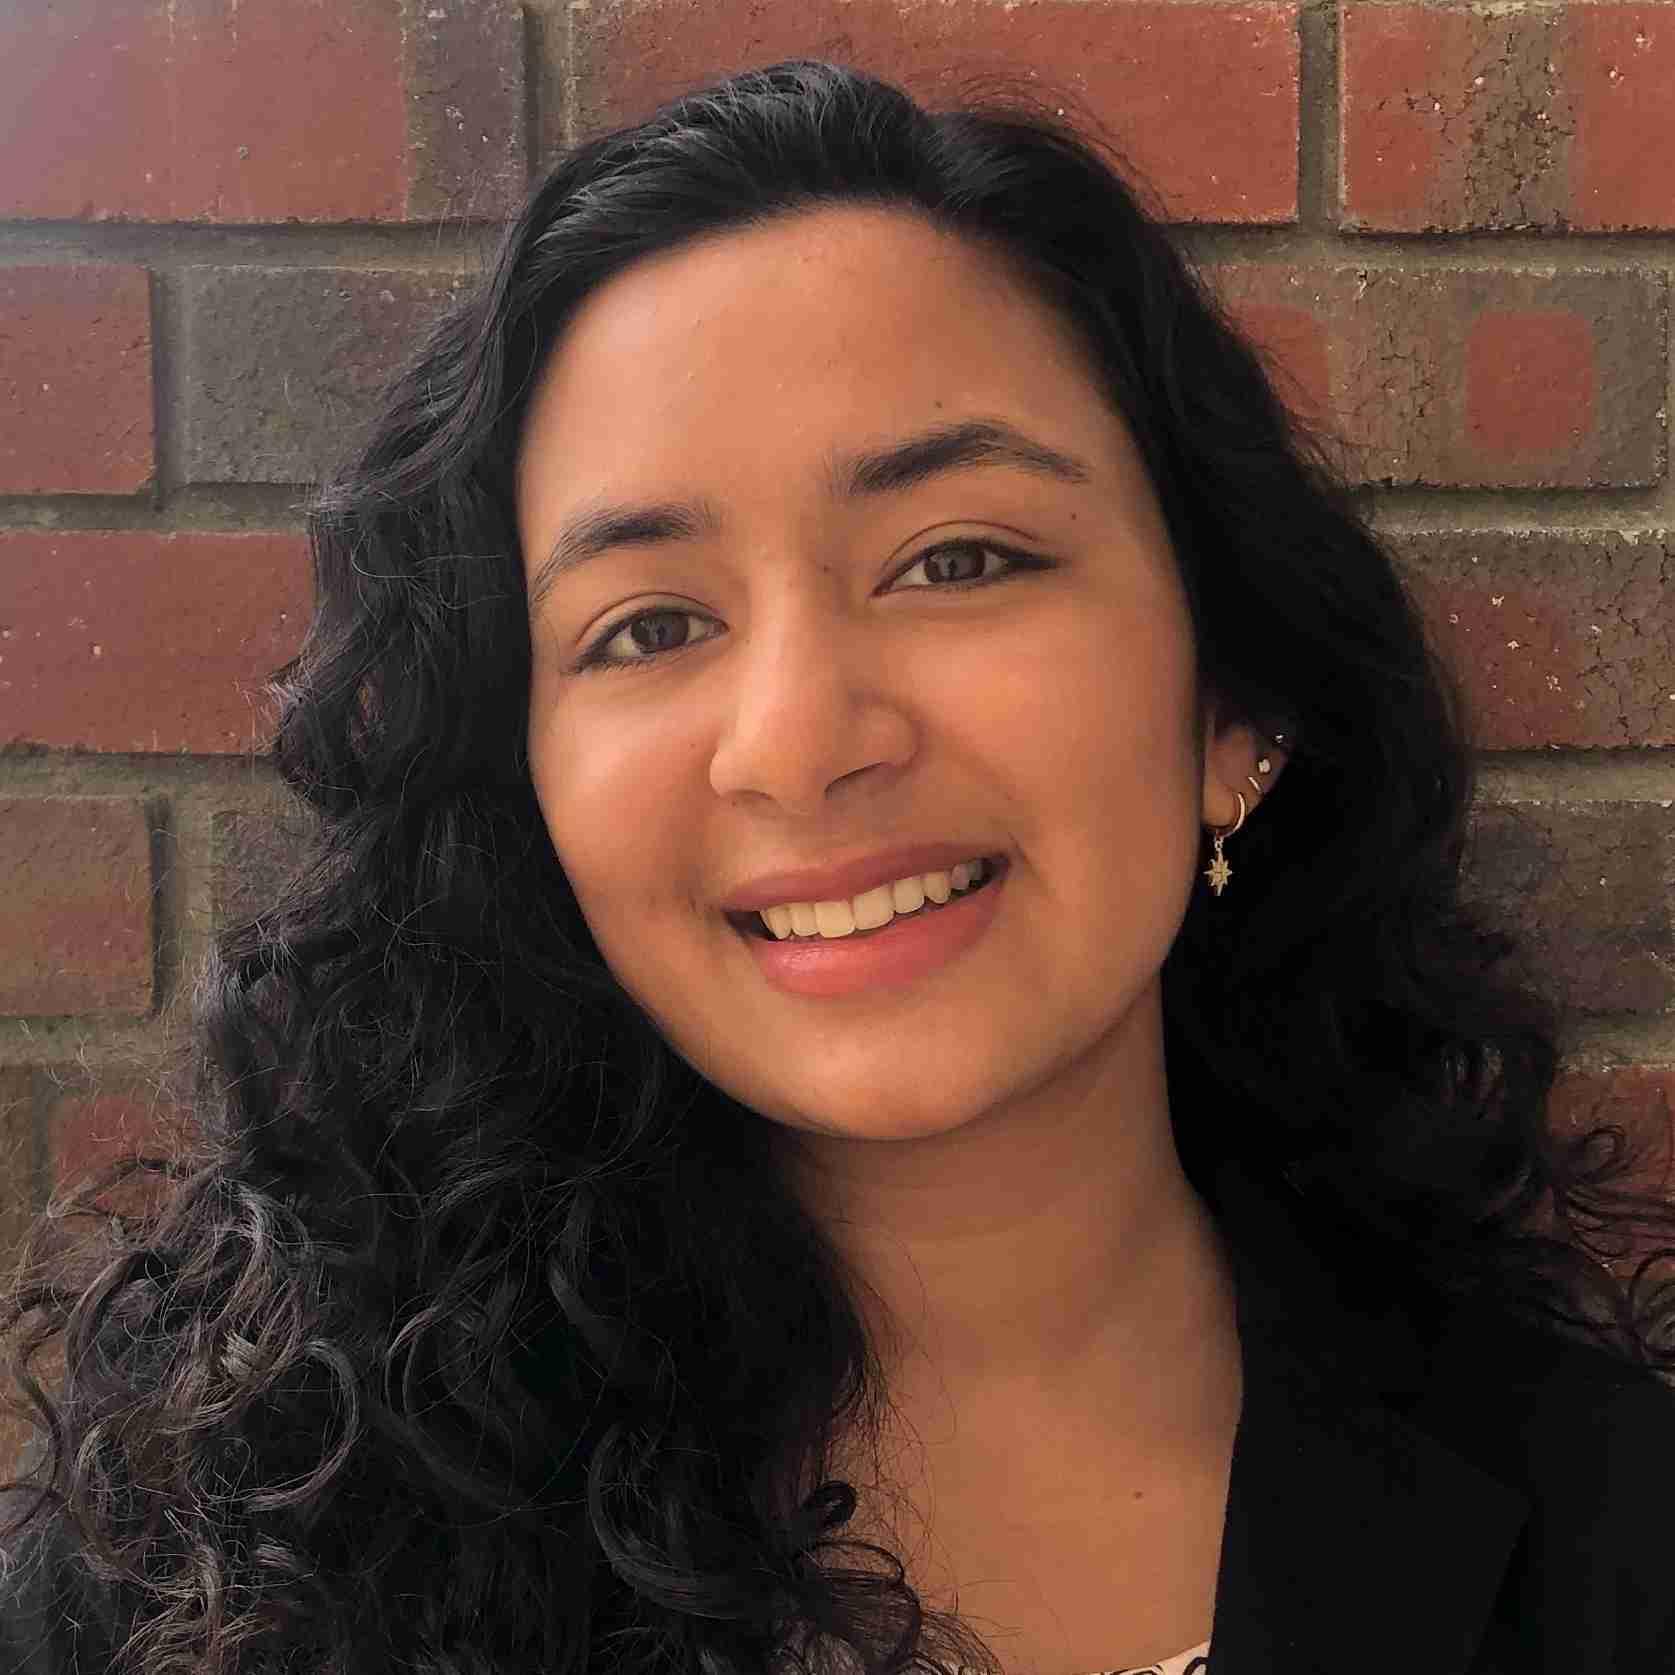 Rachel Mundaden